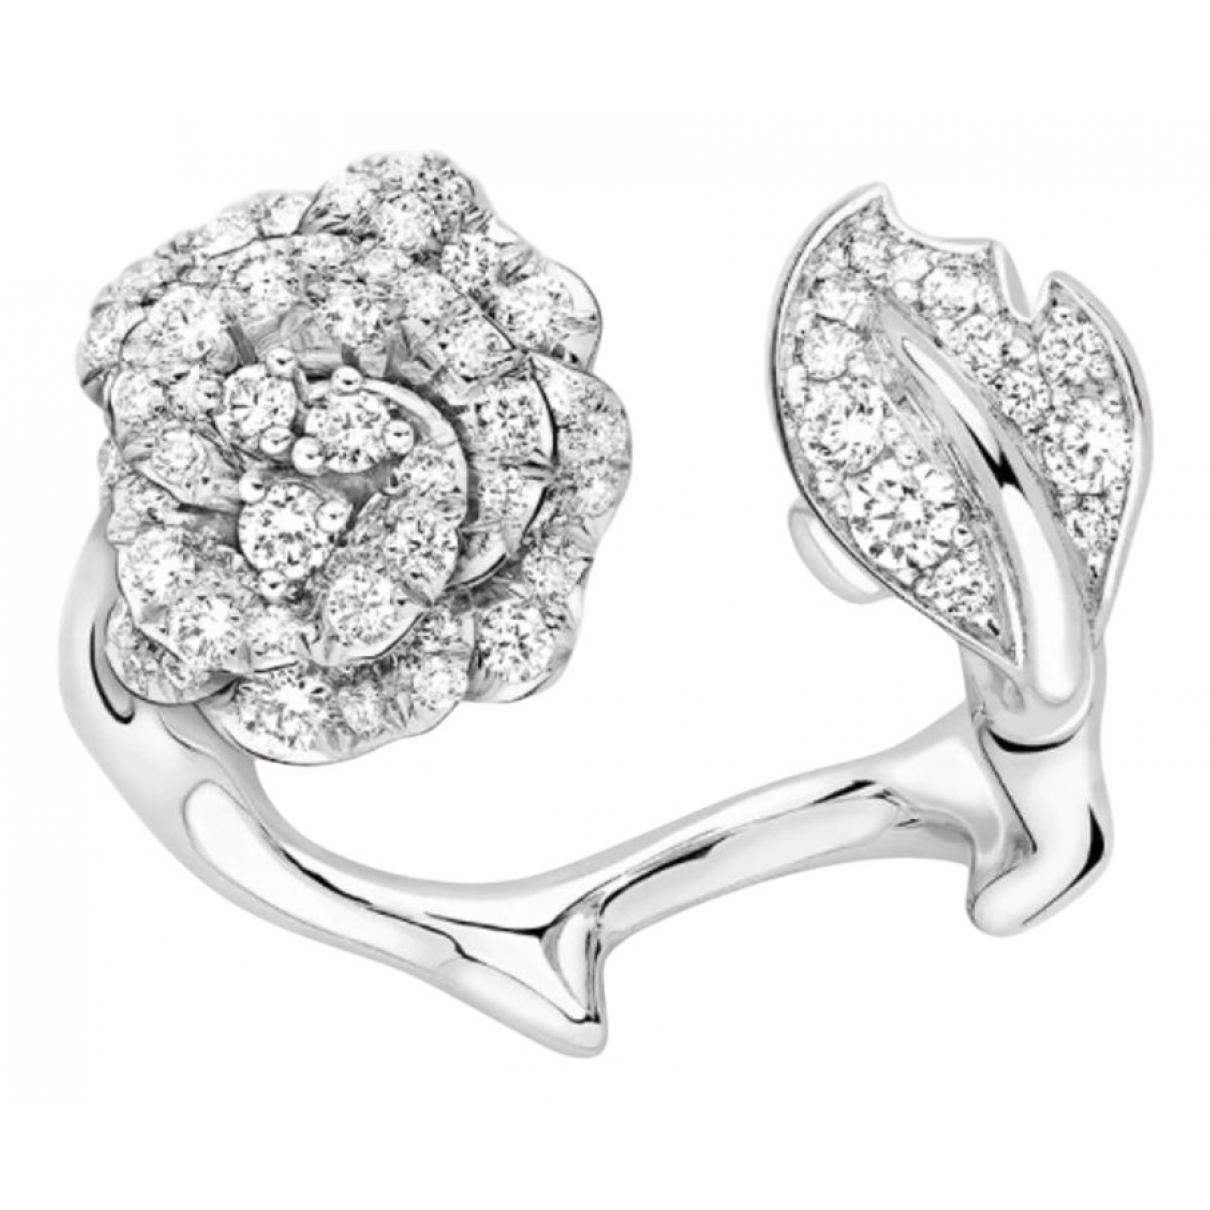 Dior - Bague Bois de Rose pour femme en or blanc